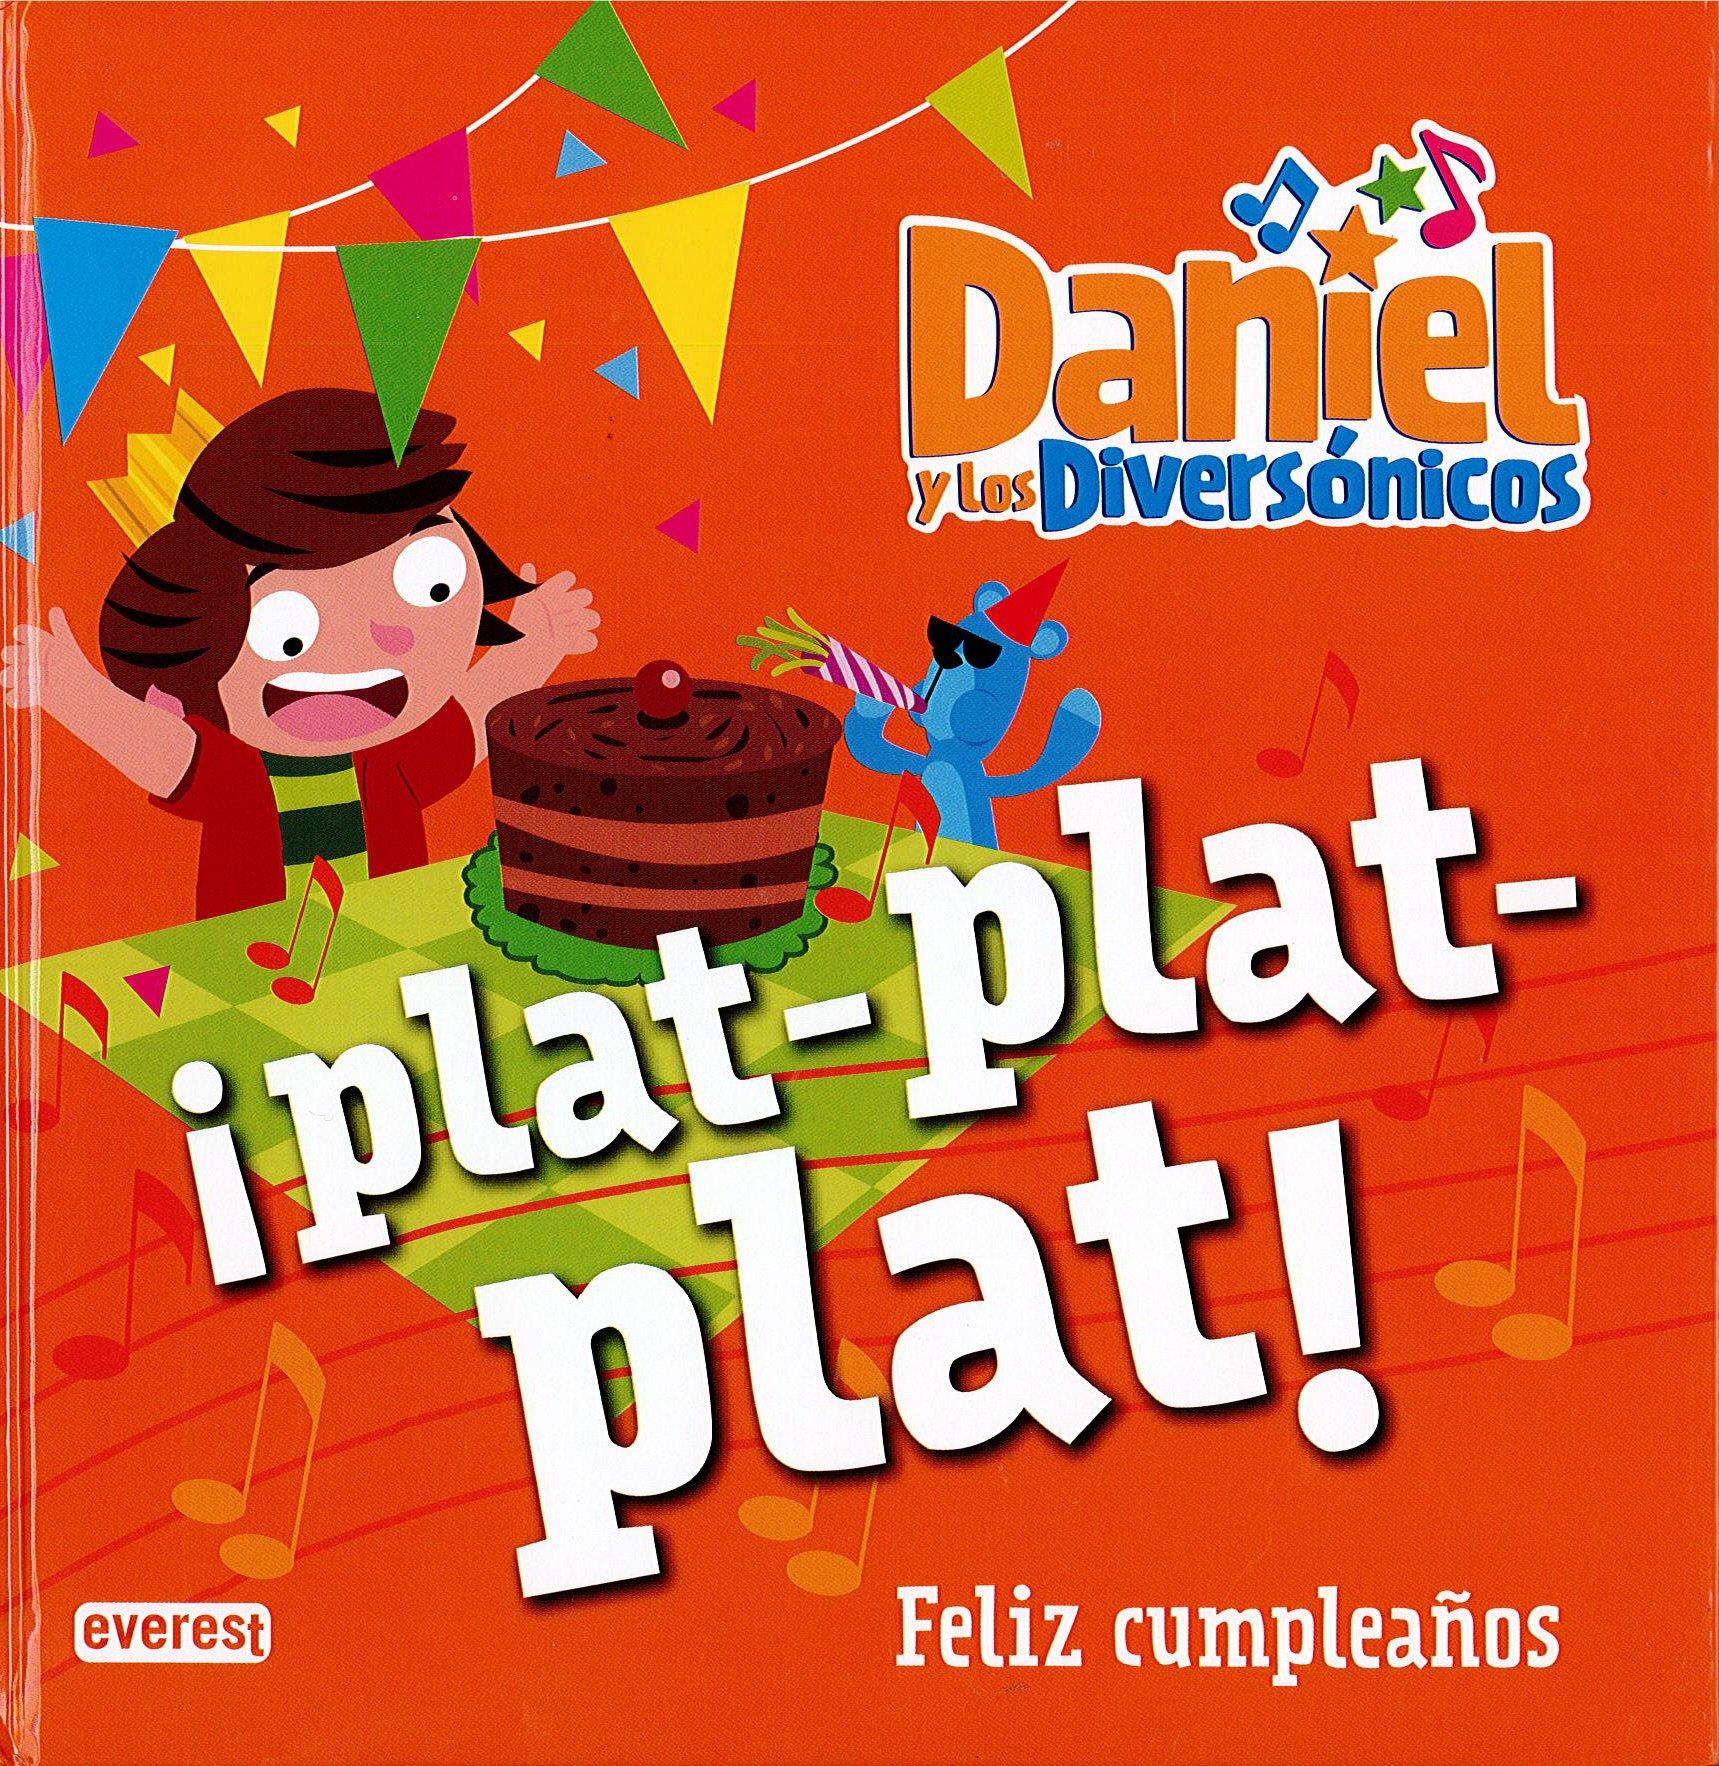 Feliz cumpleaños. ¡Plat-Plat-Plat!: Amazon.es: José Luis ...